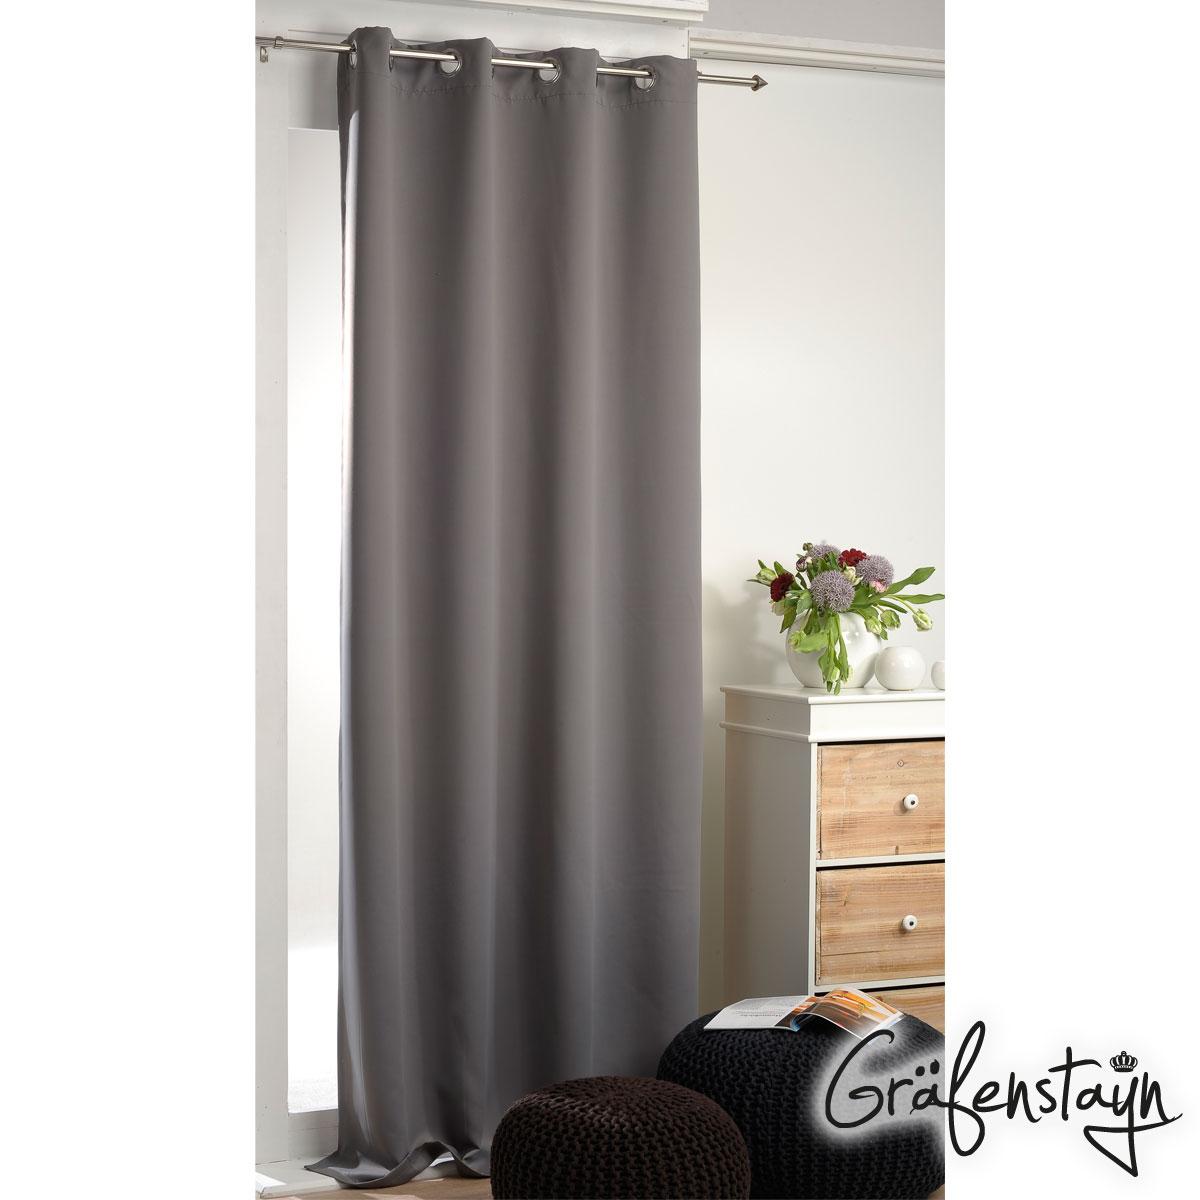 verdunklungsgardine thermogardine blickdicht gardine vorhang schal mit sen ebay. Black Bedroom Furniture Sets. Home Design Ideas